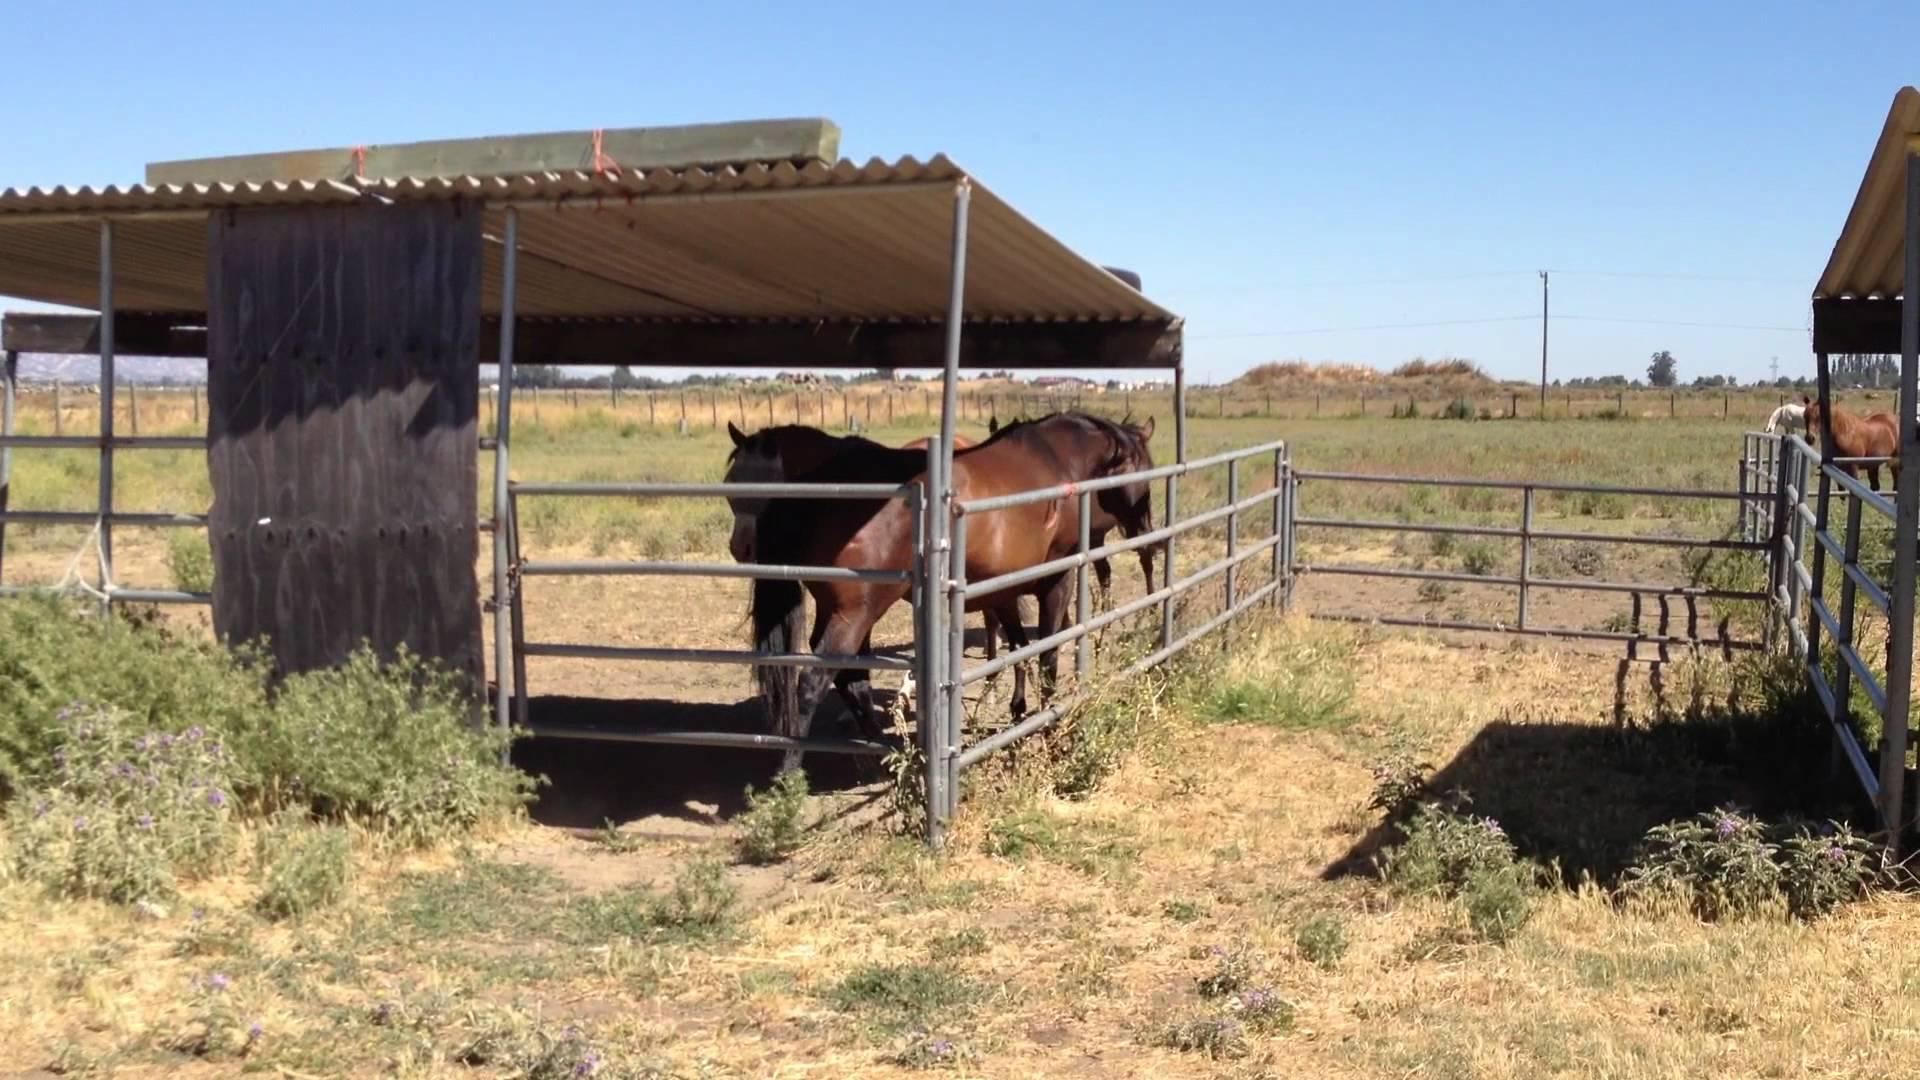 horse shelter design